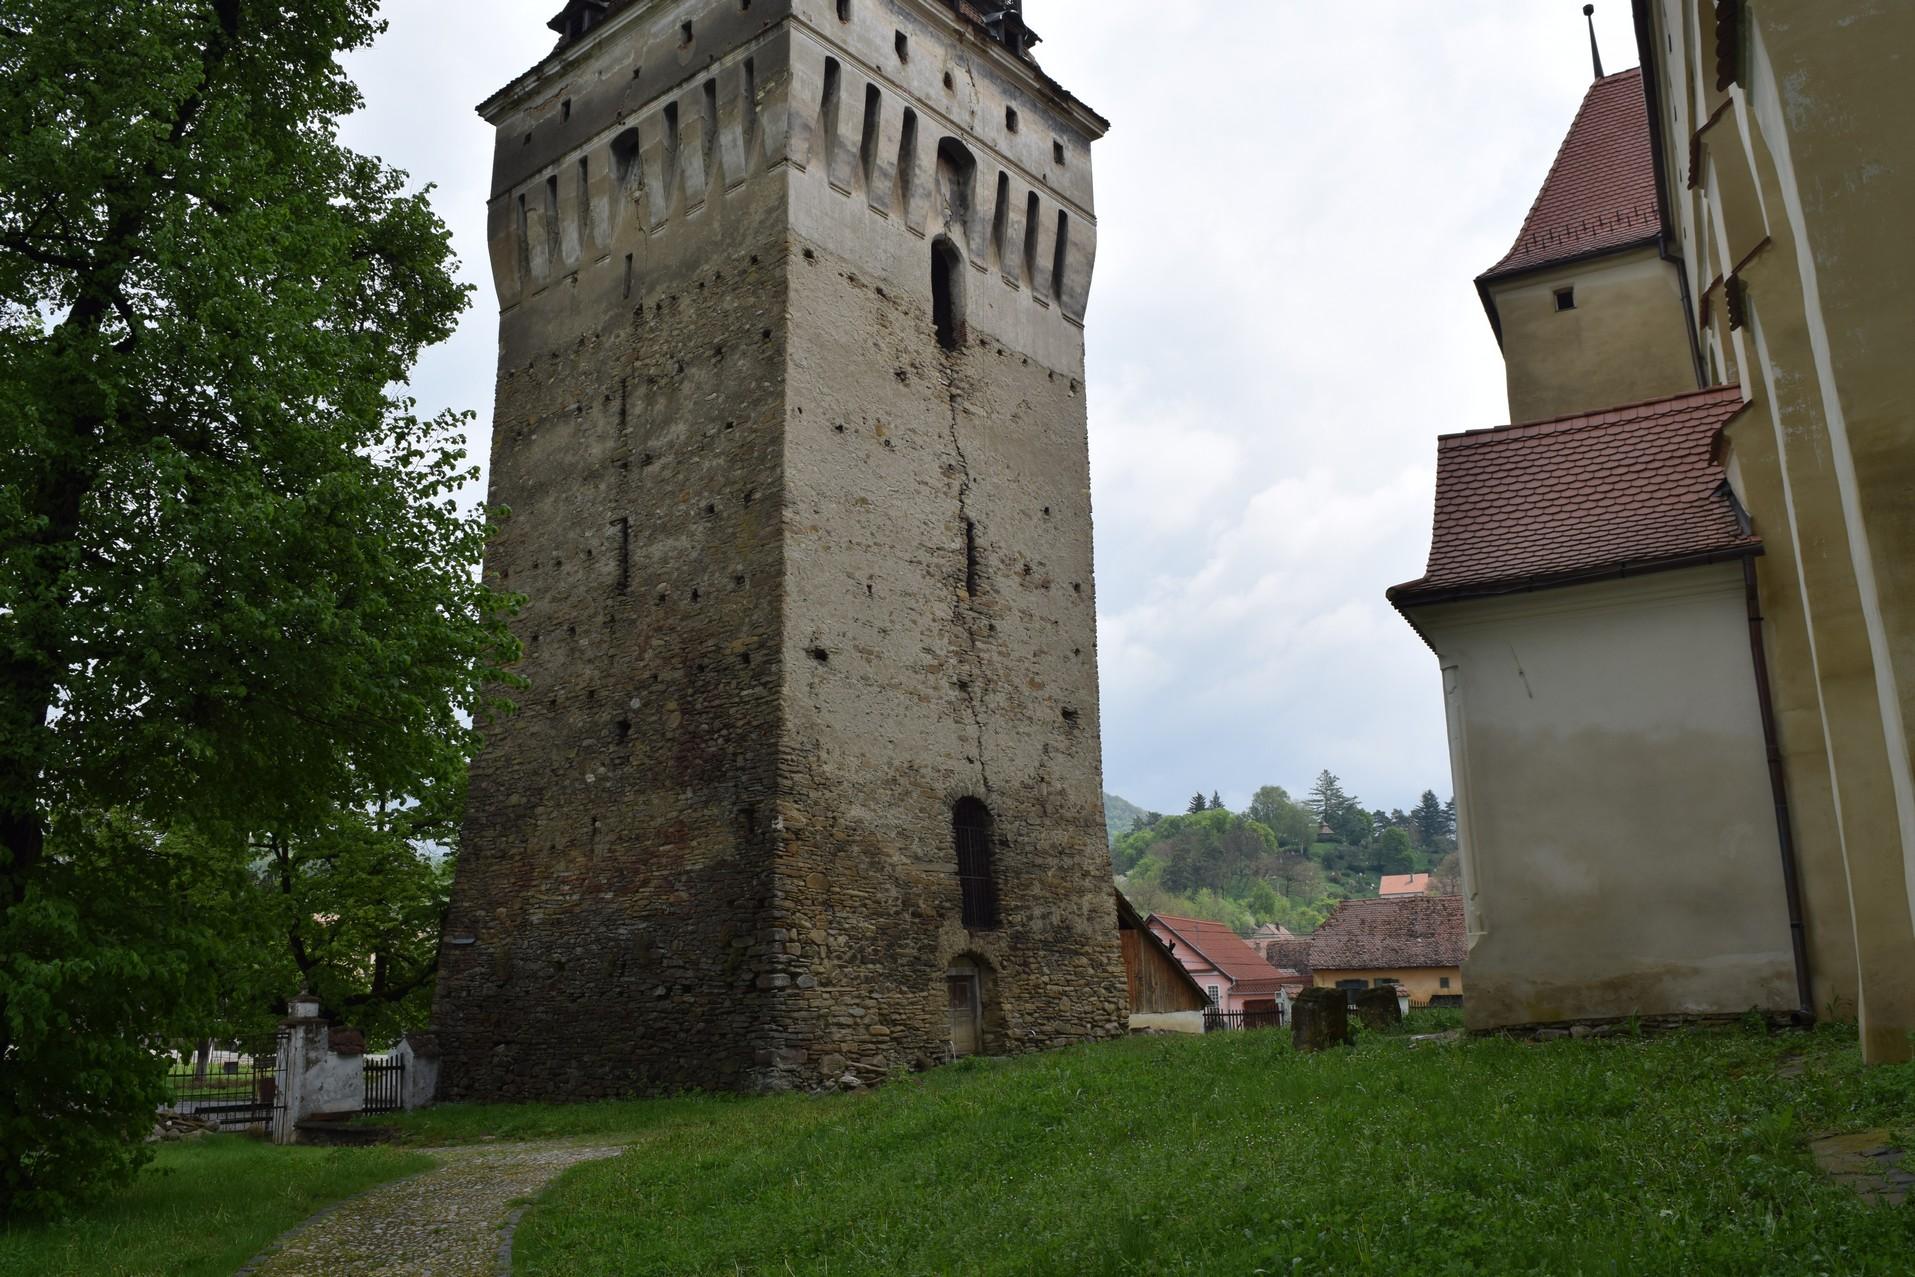 Saschiz village church